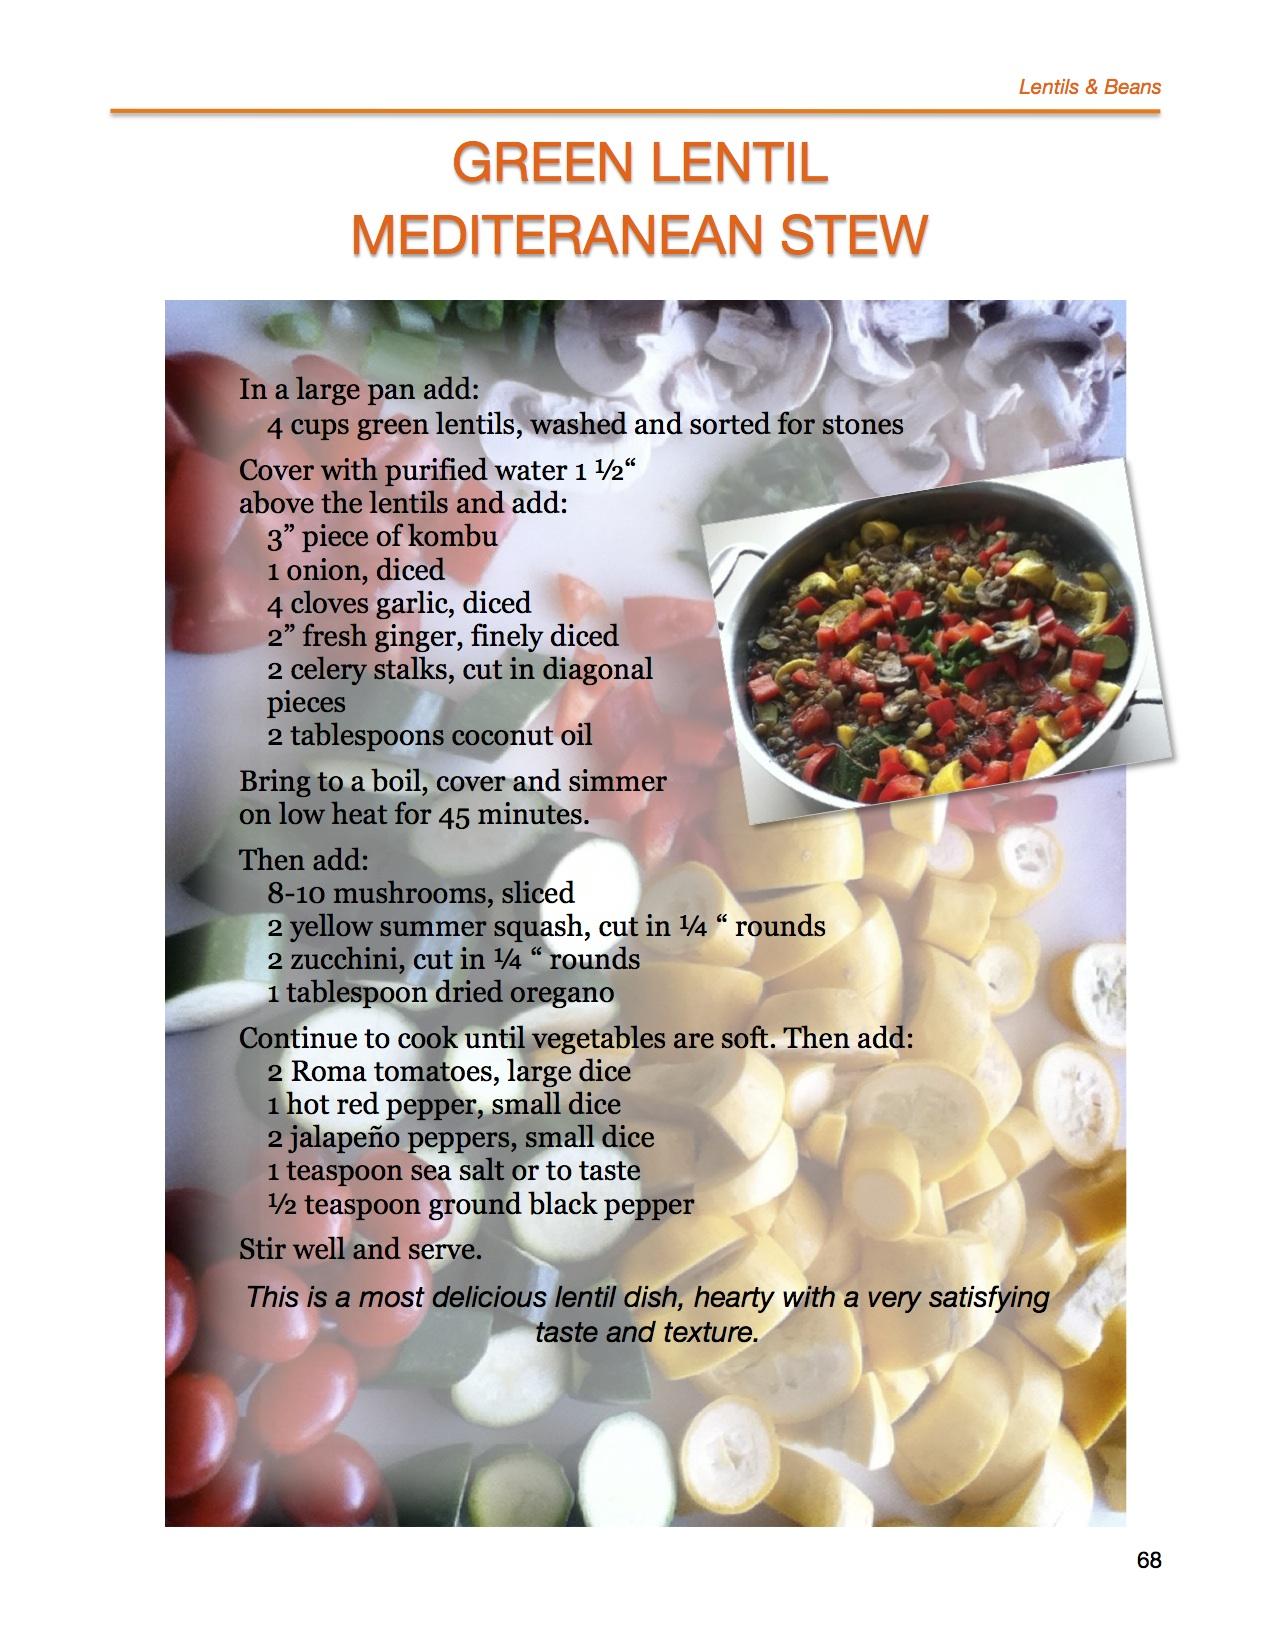 Mediteranean Stew